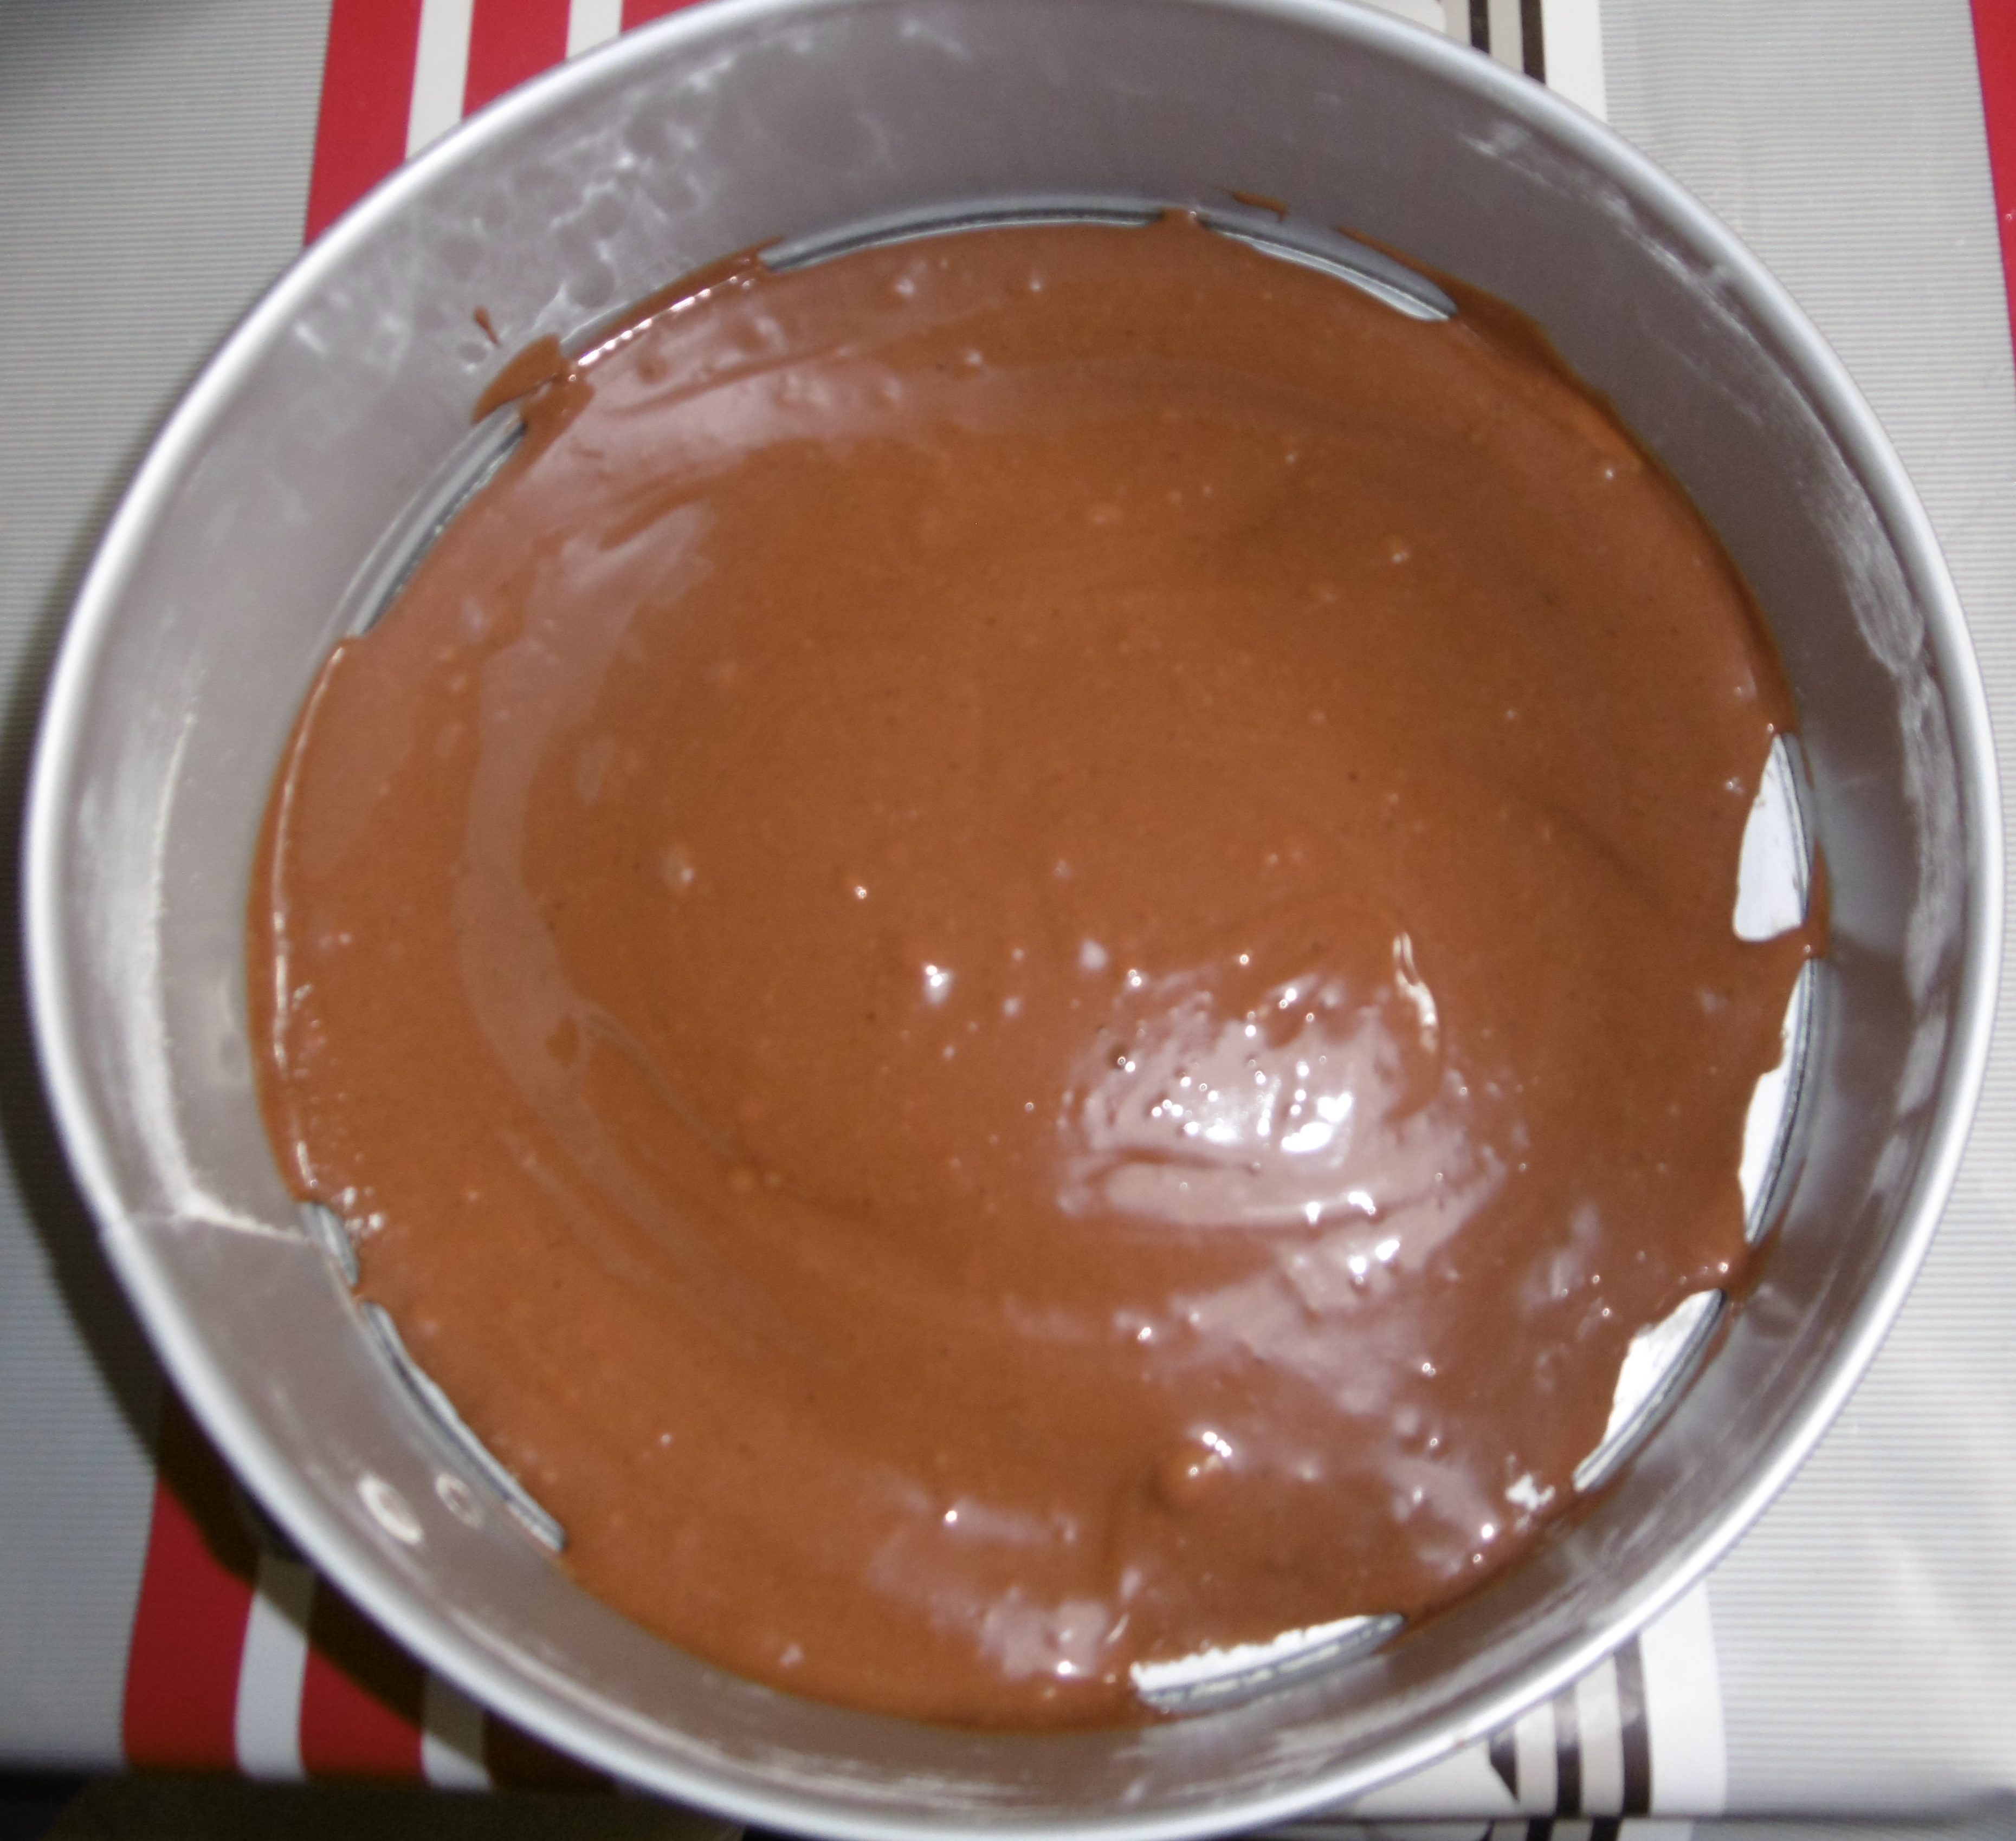 Torta pere e cioccolato - Aggiunta composto